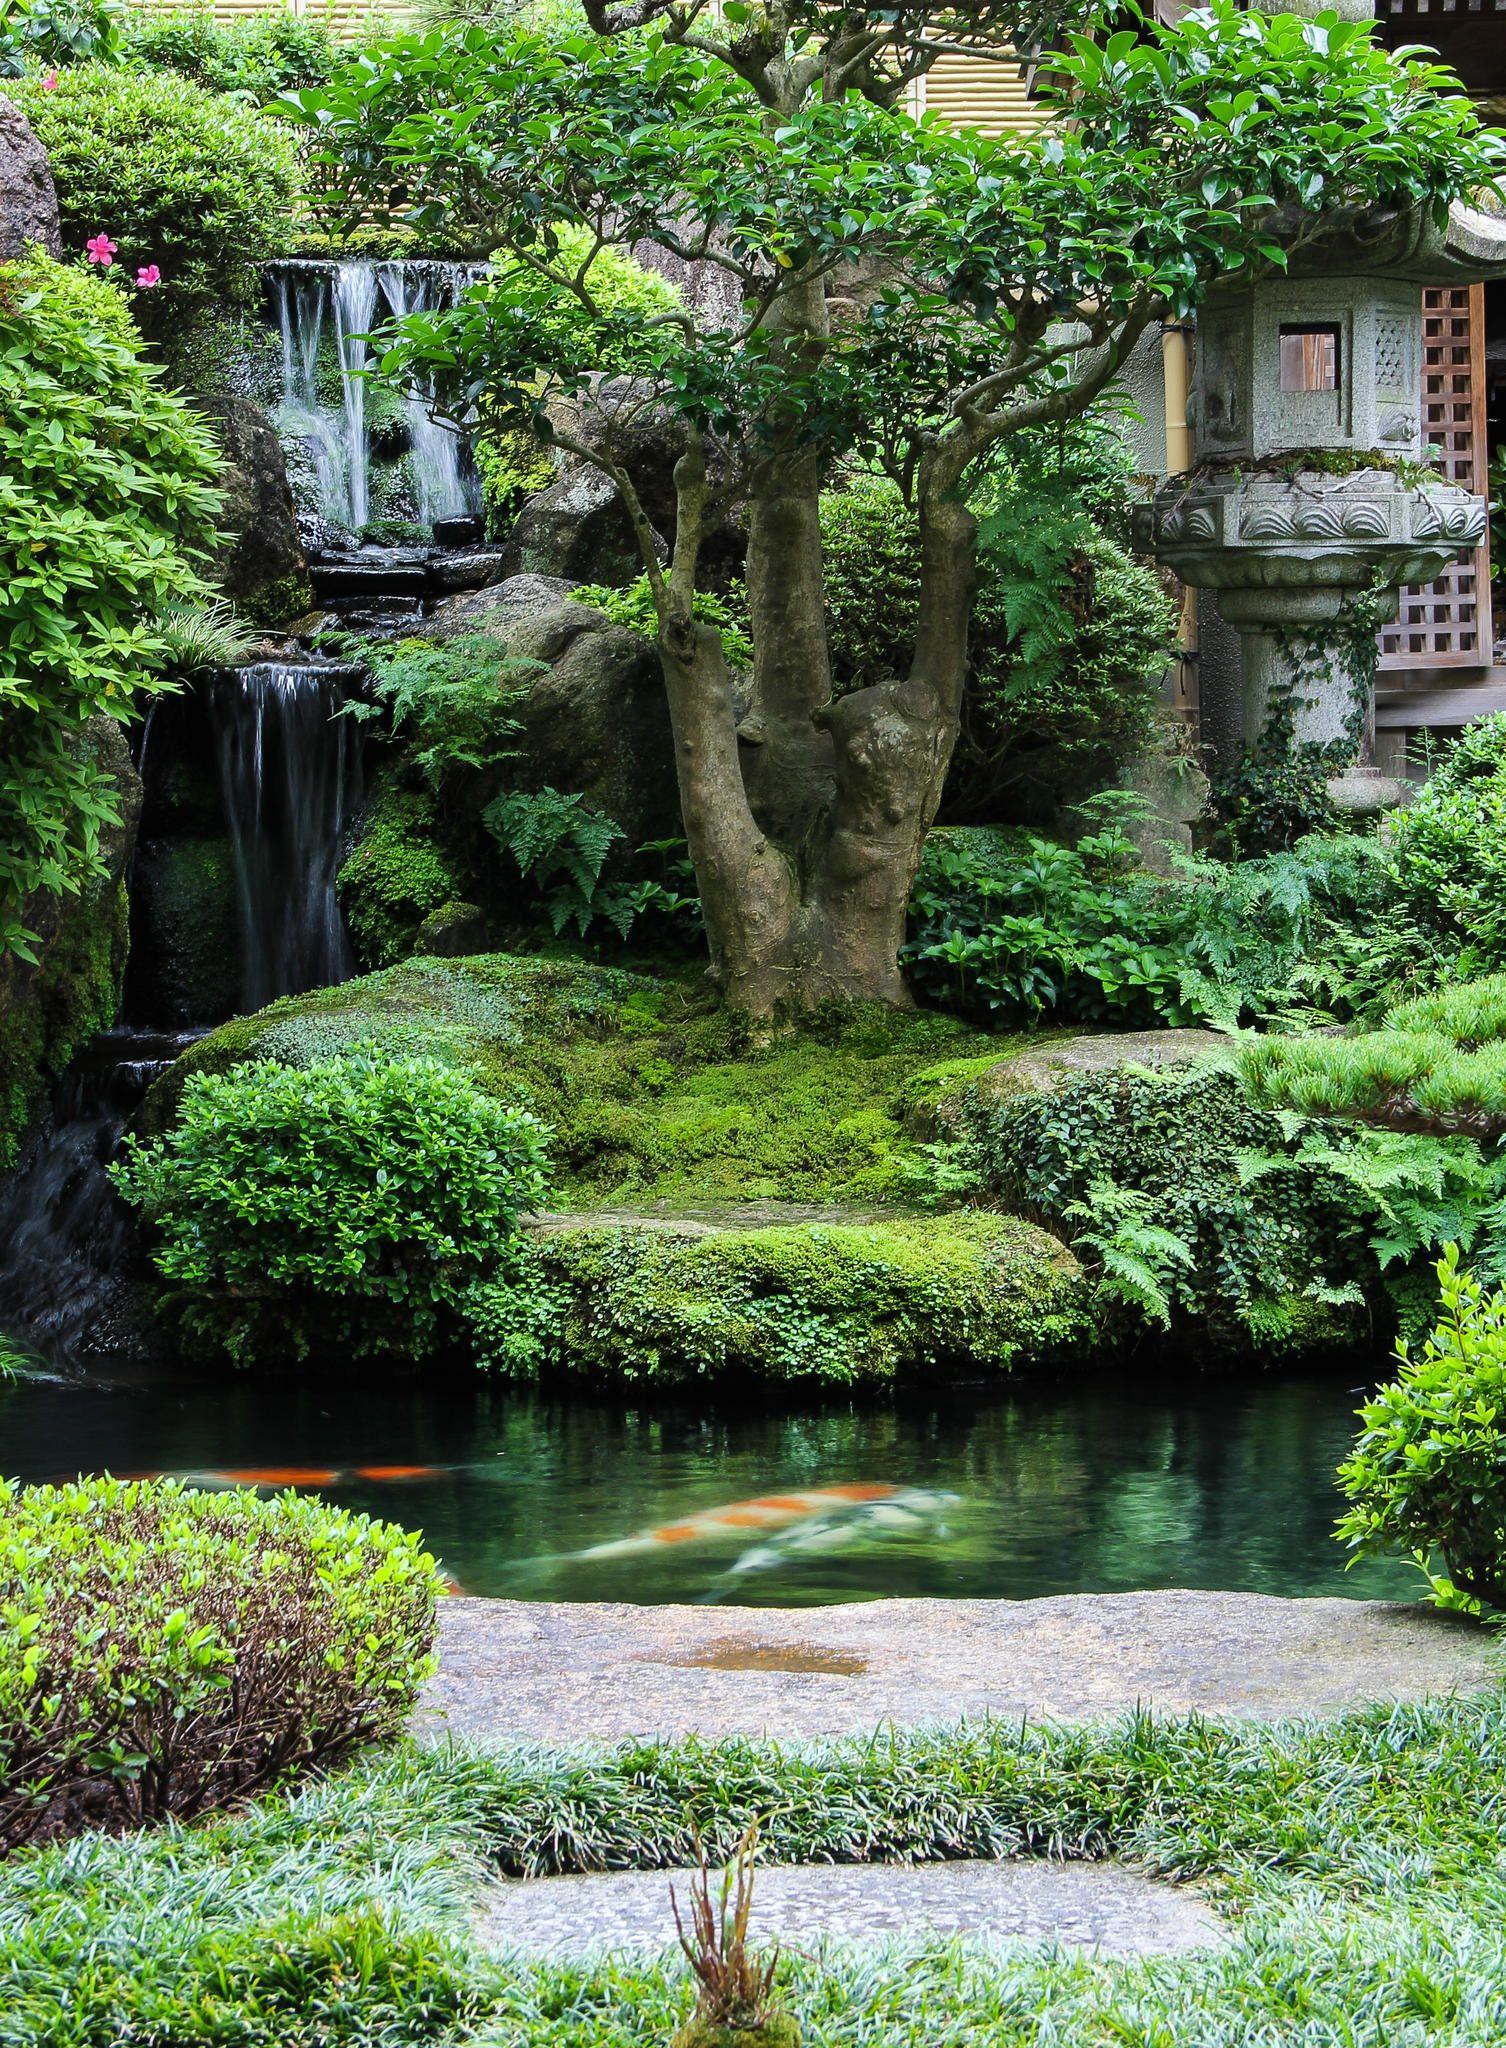 Japanischer Garten, Japanisch, Garten, Gartengestaltung, Gartenideen,  Pflanzen, Grün, Teich, Koi, Baum, Sträucher, Stein, Natürlich